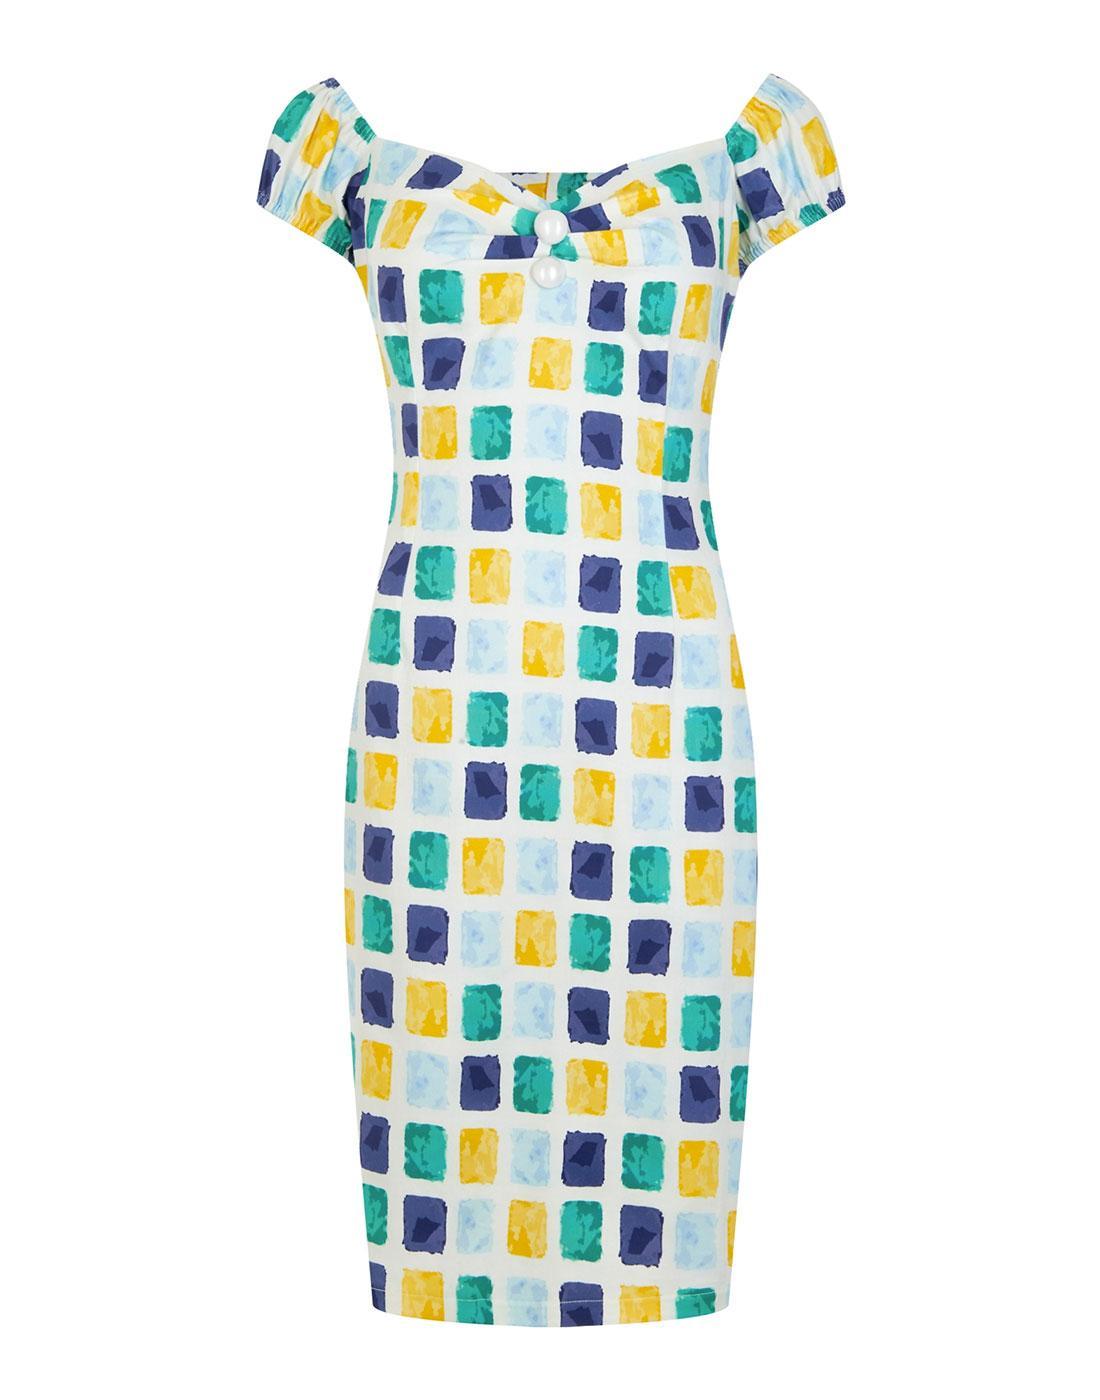 Dolores COLLECTIF Vintage Paint Pot Pencil Dress